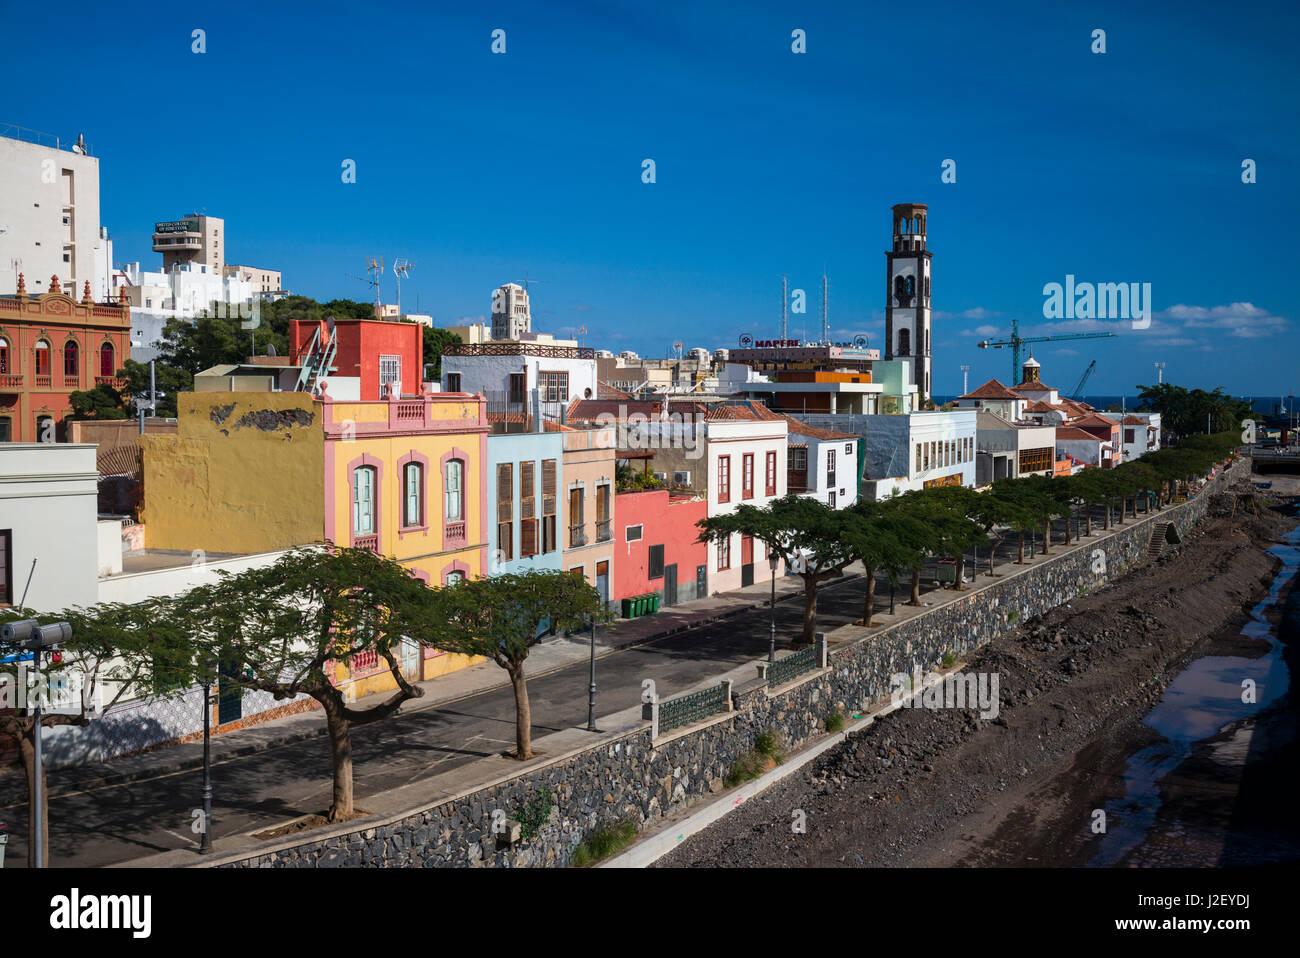 Spain, Canary Islands, Tenerife, Santa Cruz de Tenerife, buildings along the Barranco de los Santos river Stock Photo